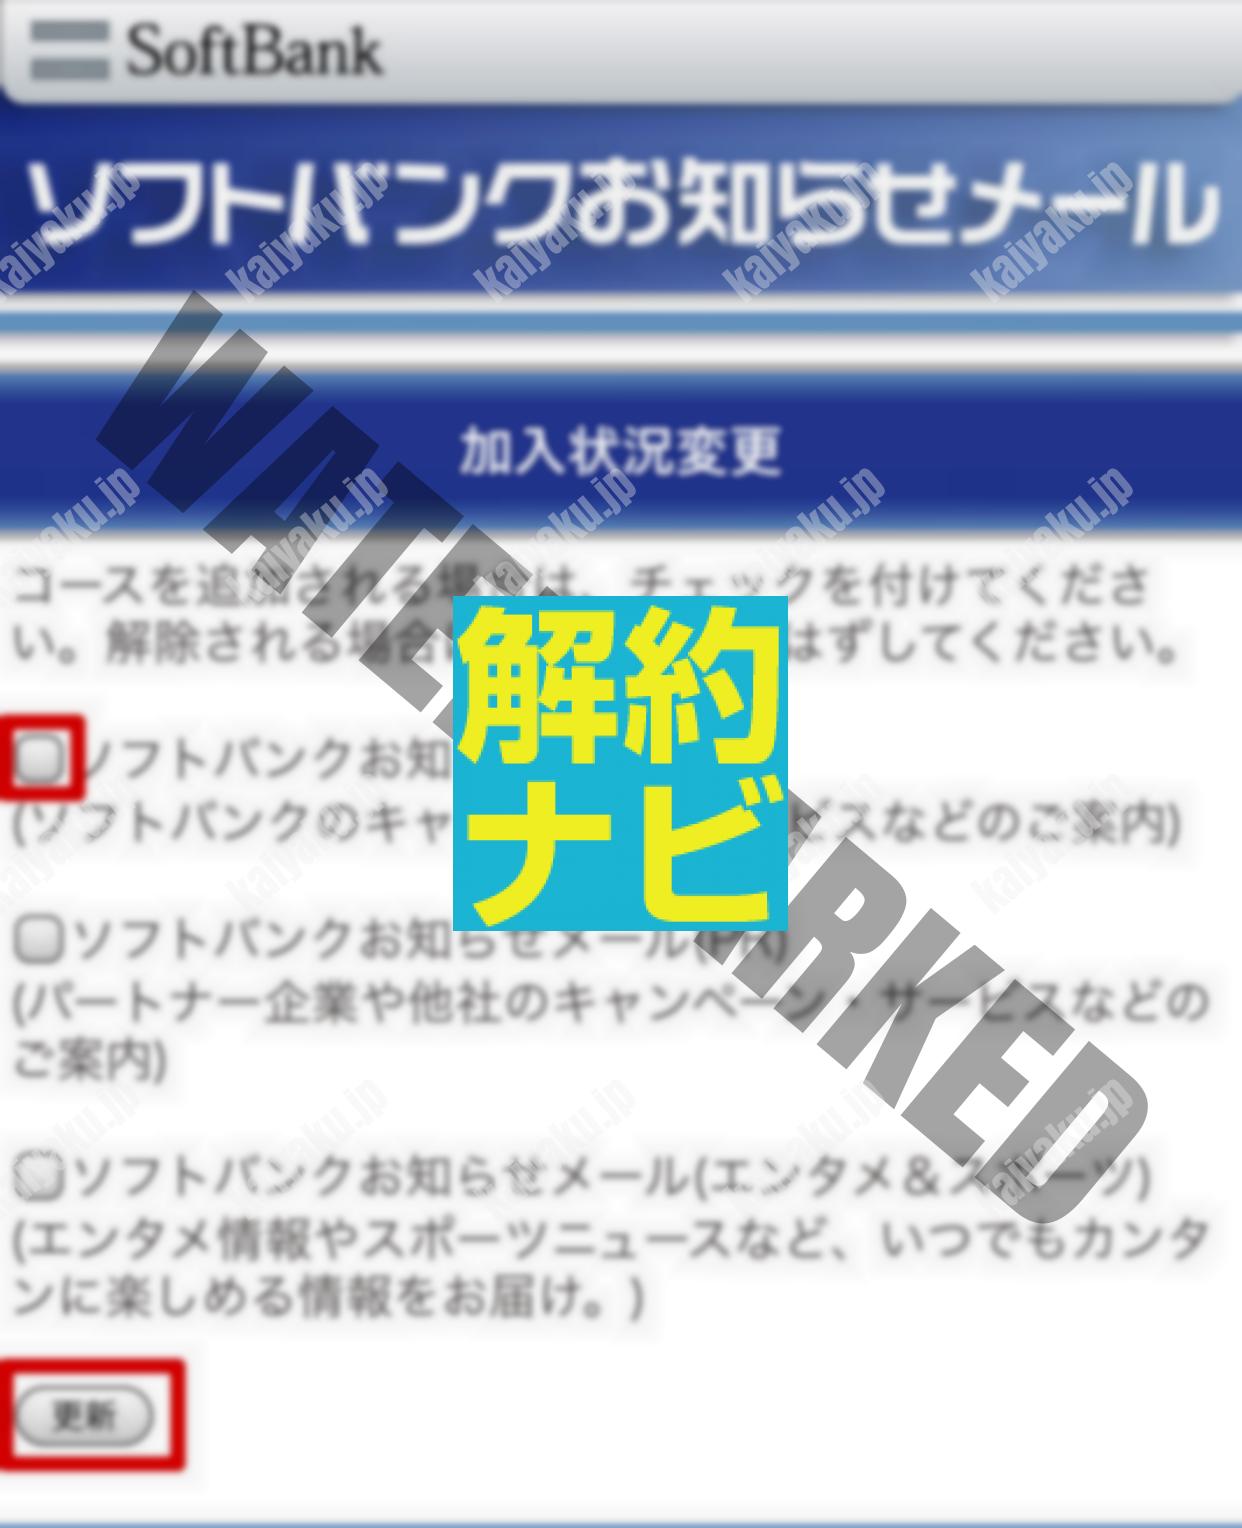 手順06:チェックボックスのチェックを外して「更新」を選択